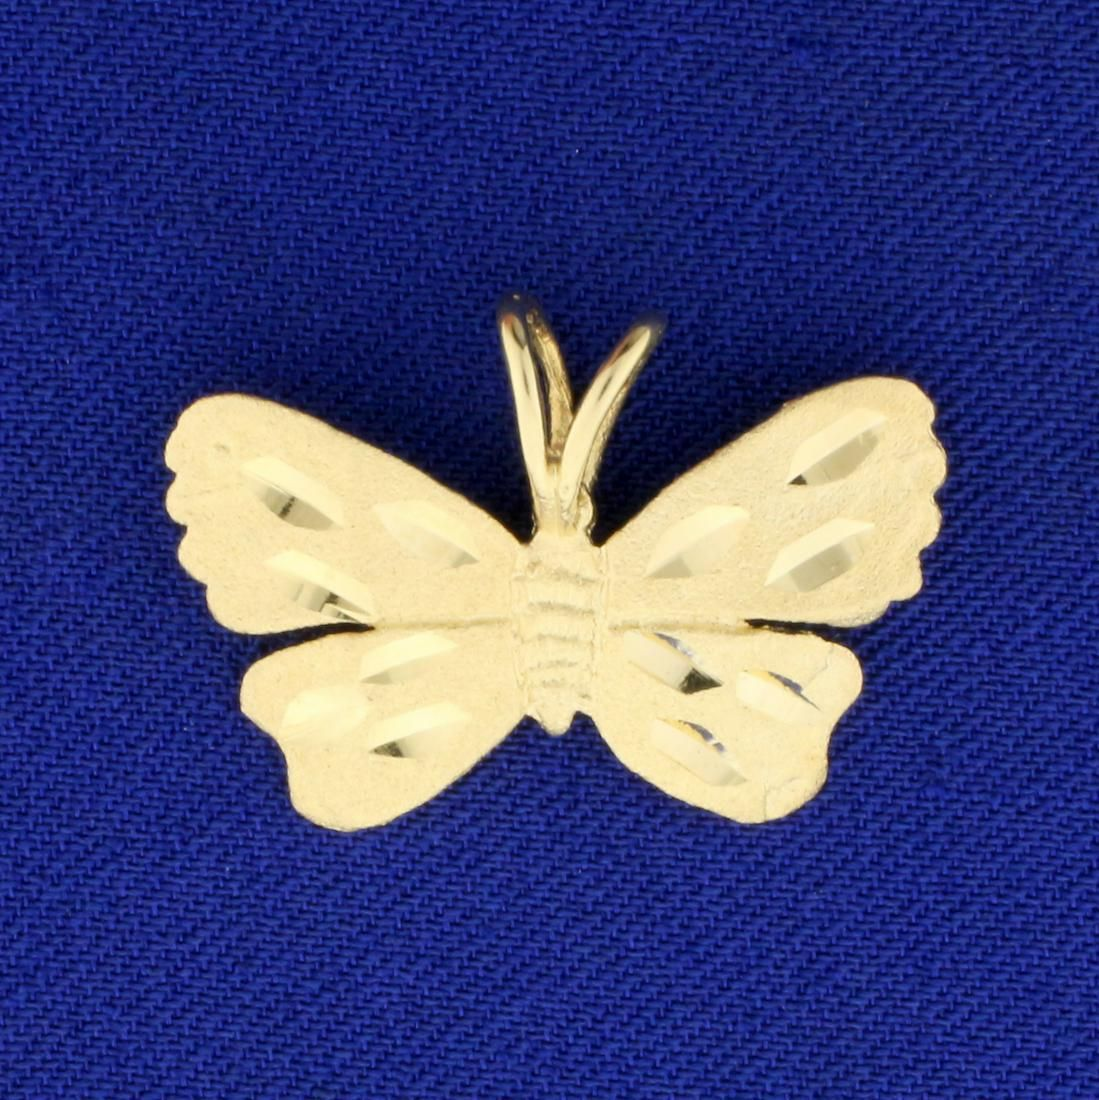 Diamond Cut Butterfly Pendant in 14K Yellow Gold